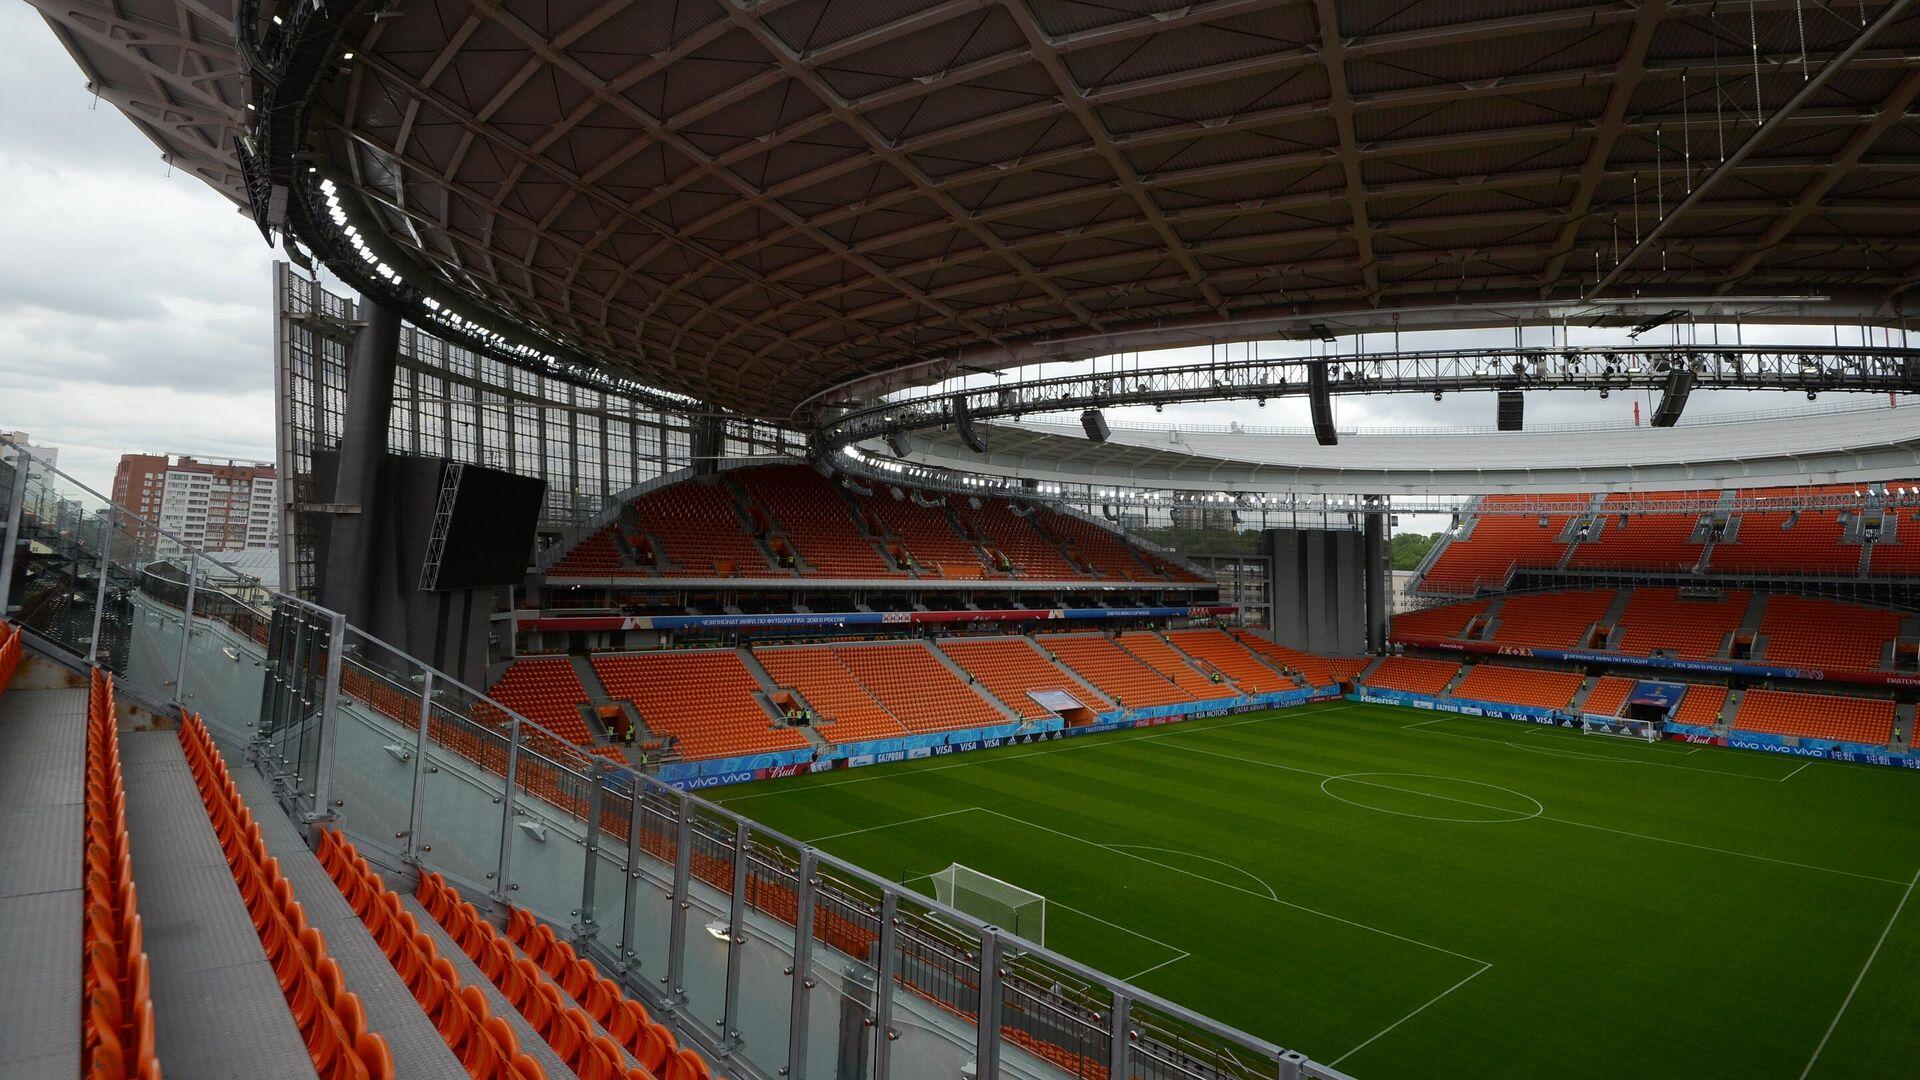 Трибуны Центрального стадиона Екатеринбург-Арена. - РИА Новости, 1920, 17.06.2021